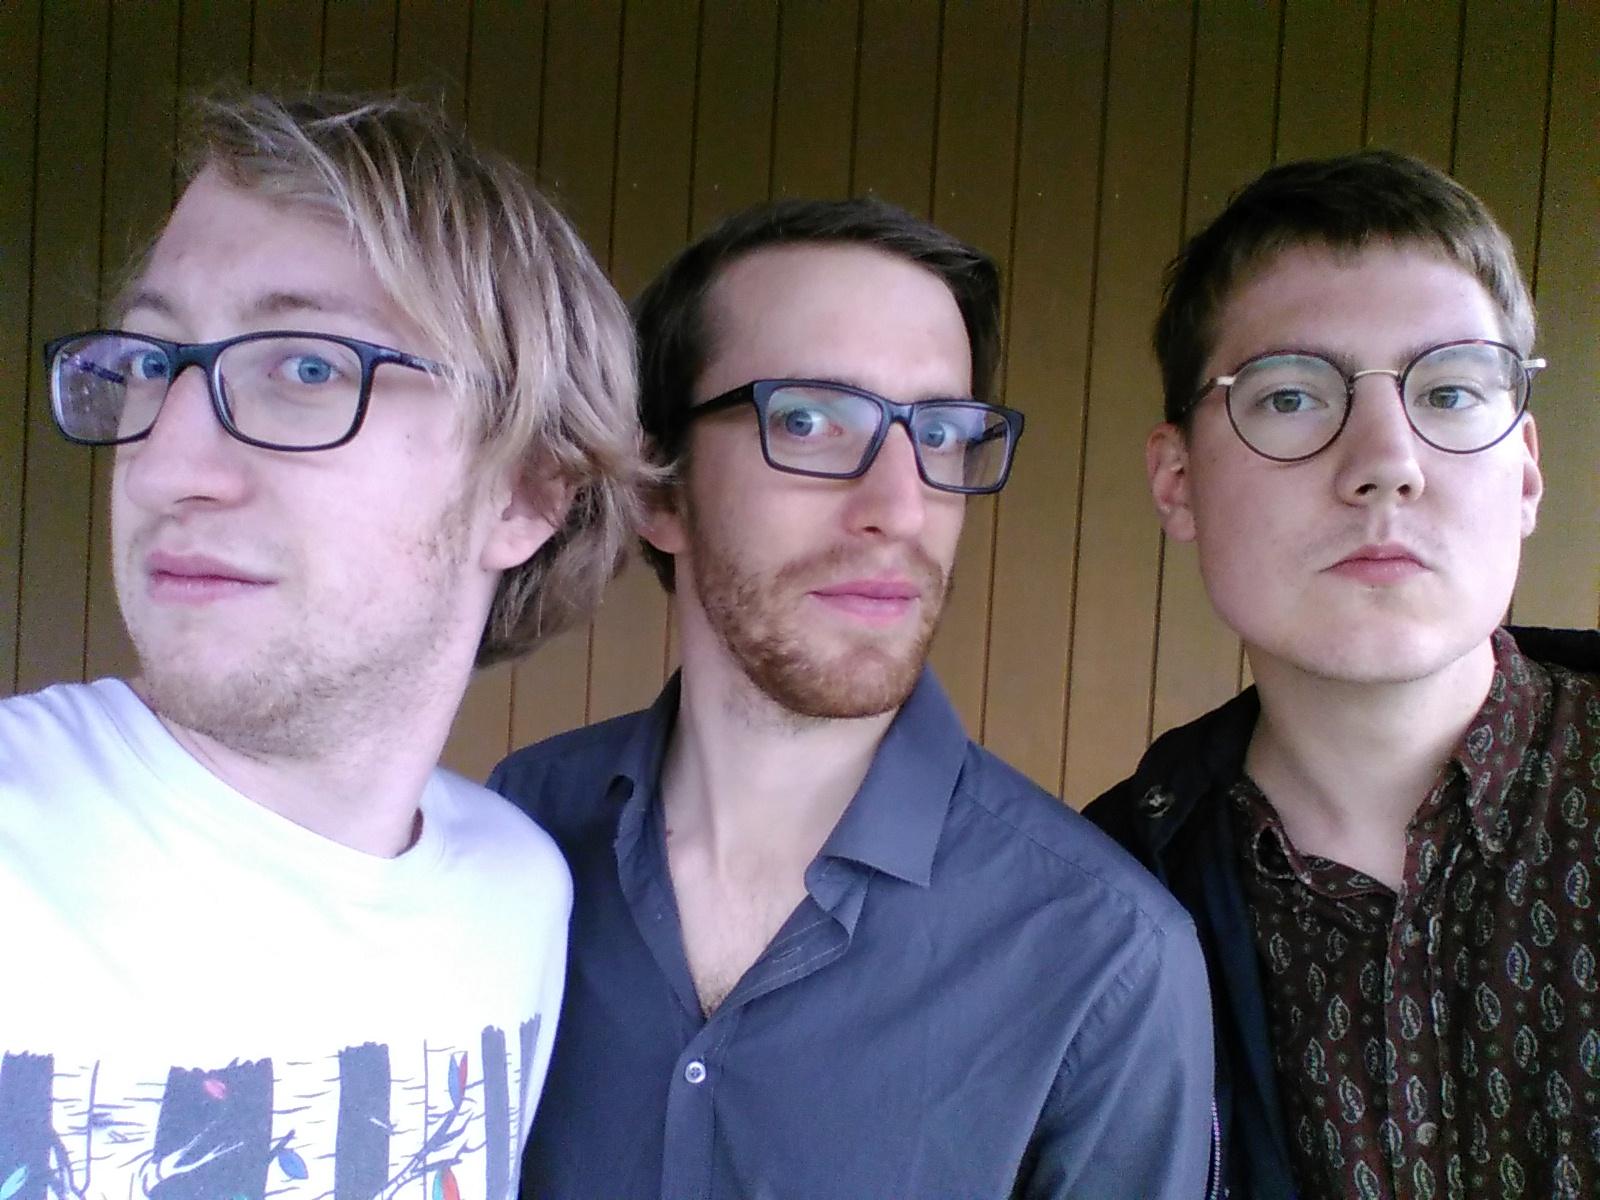 trio-neu-i